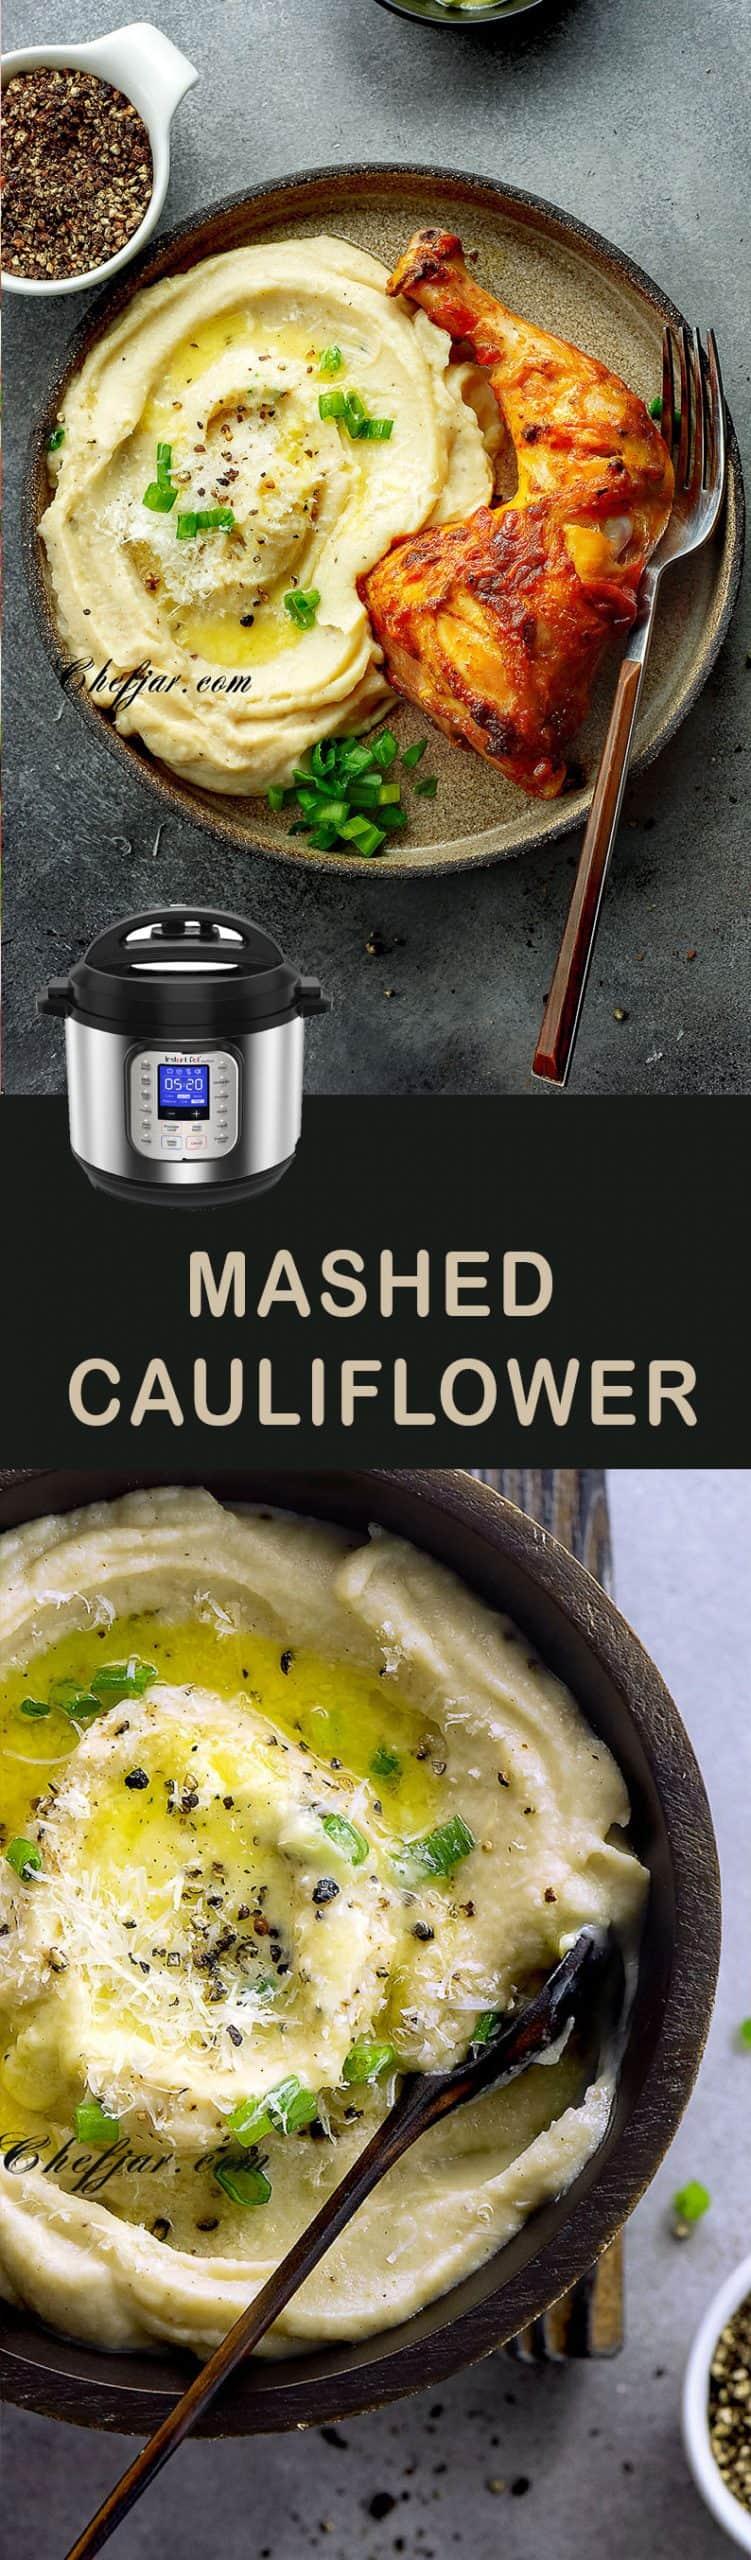 instant-pot-mashed-cauliflower